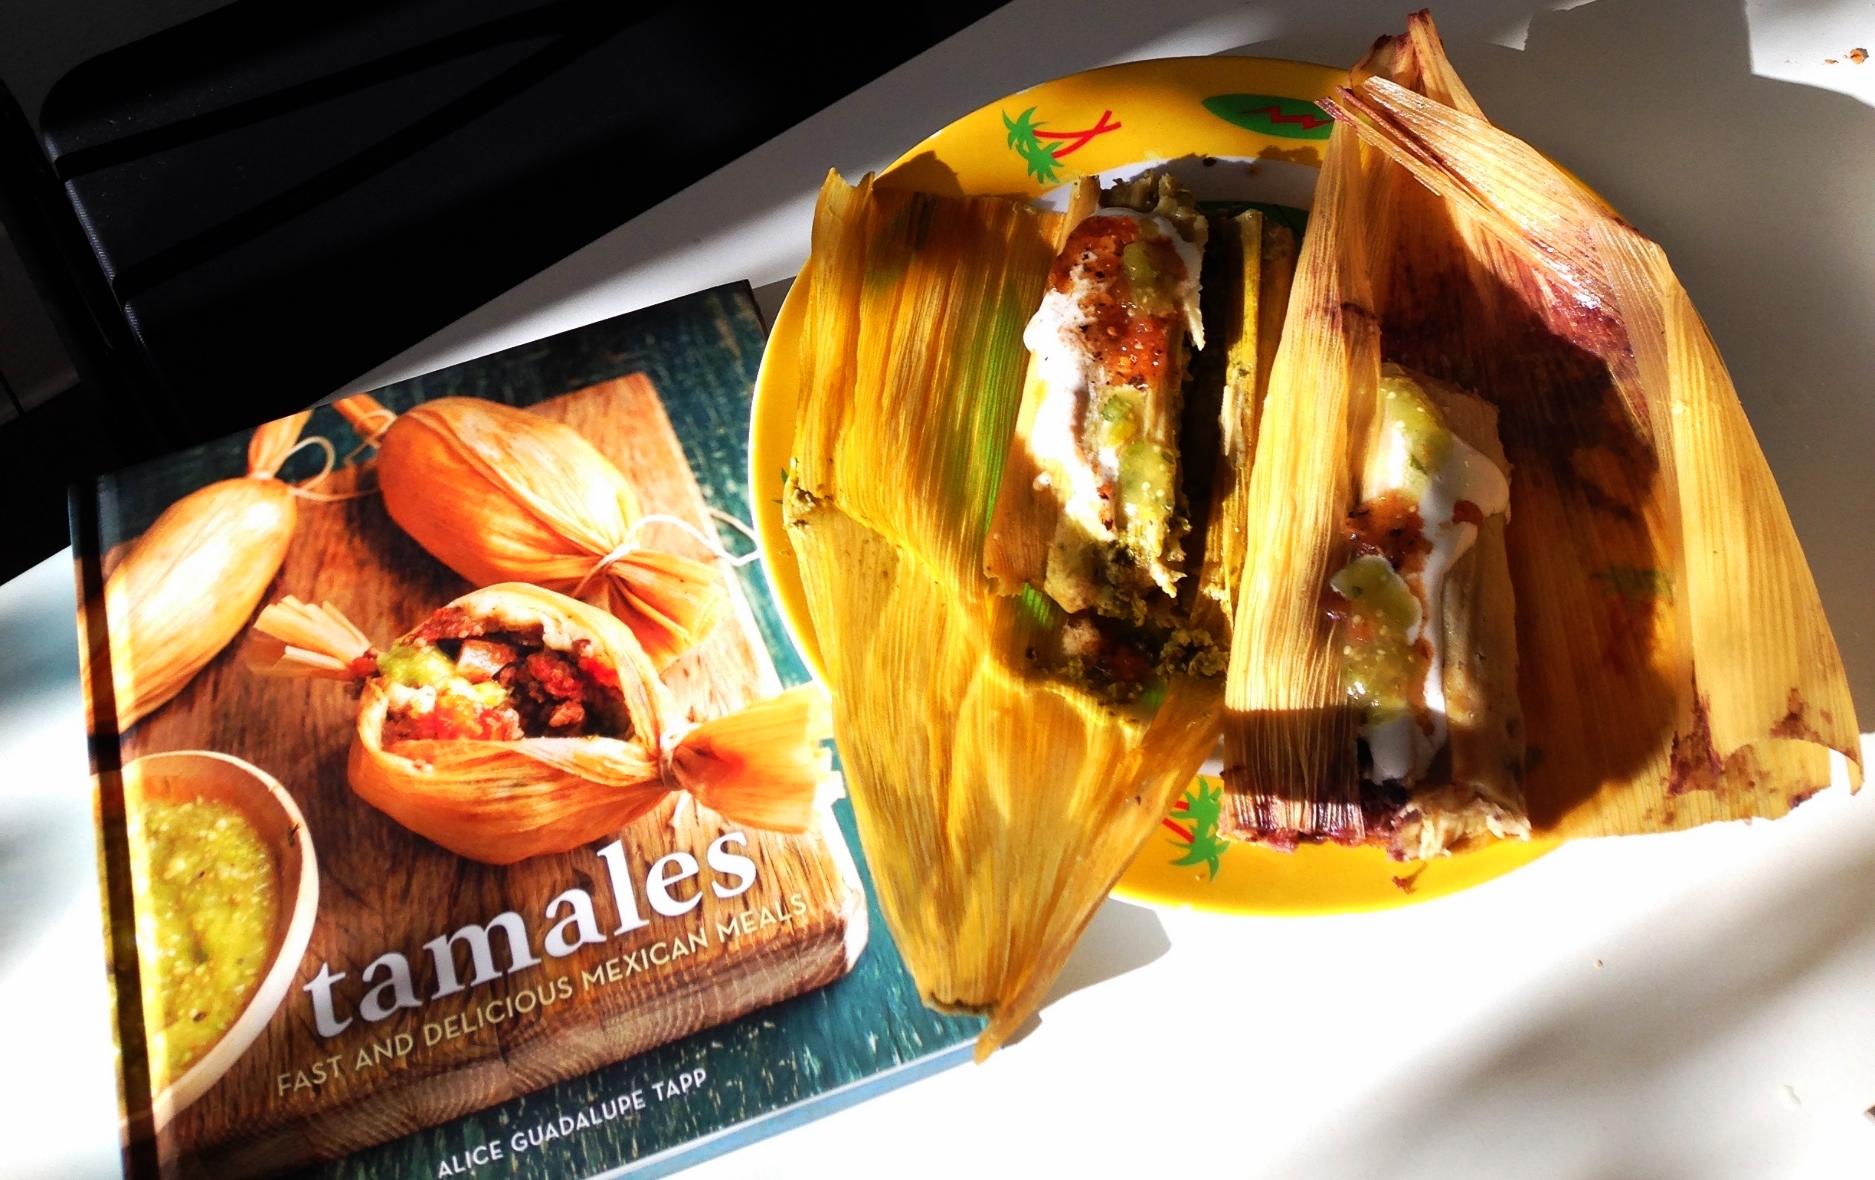 pesto & Jalapeno tamales